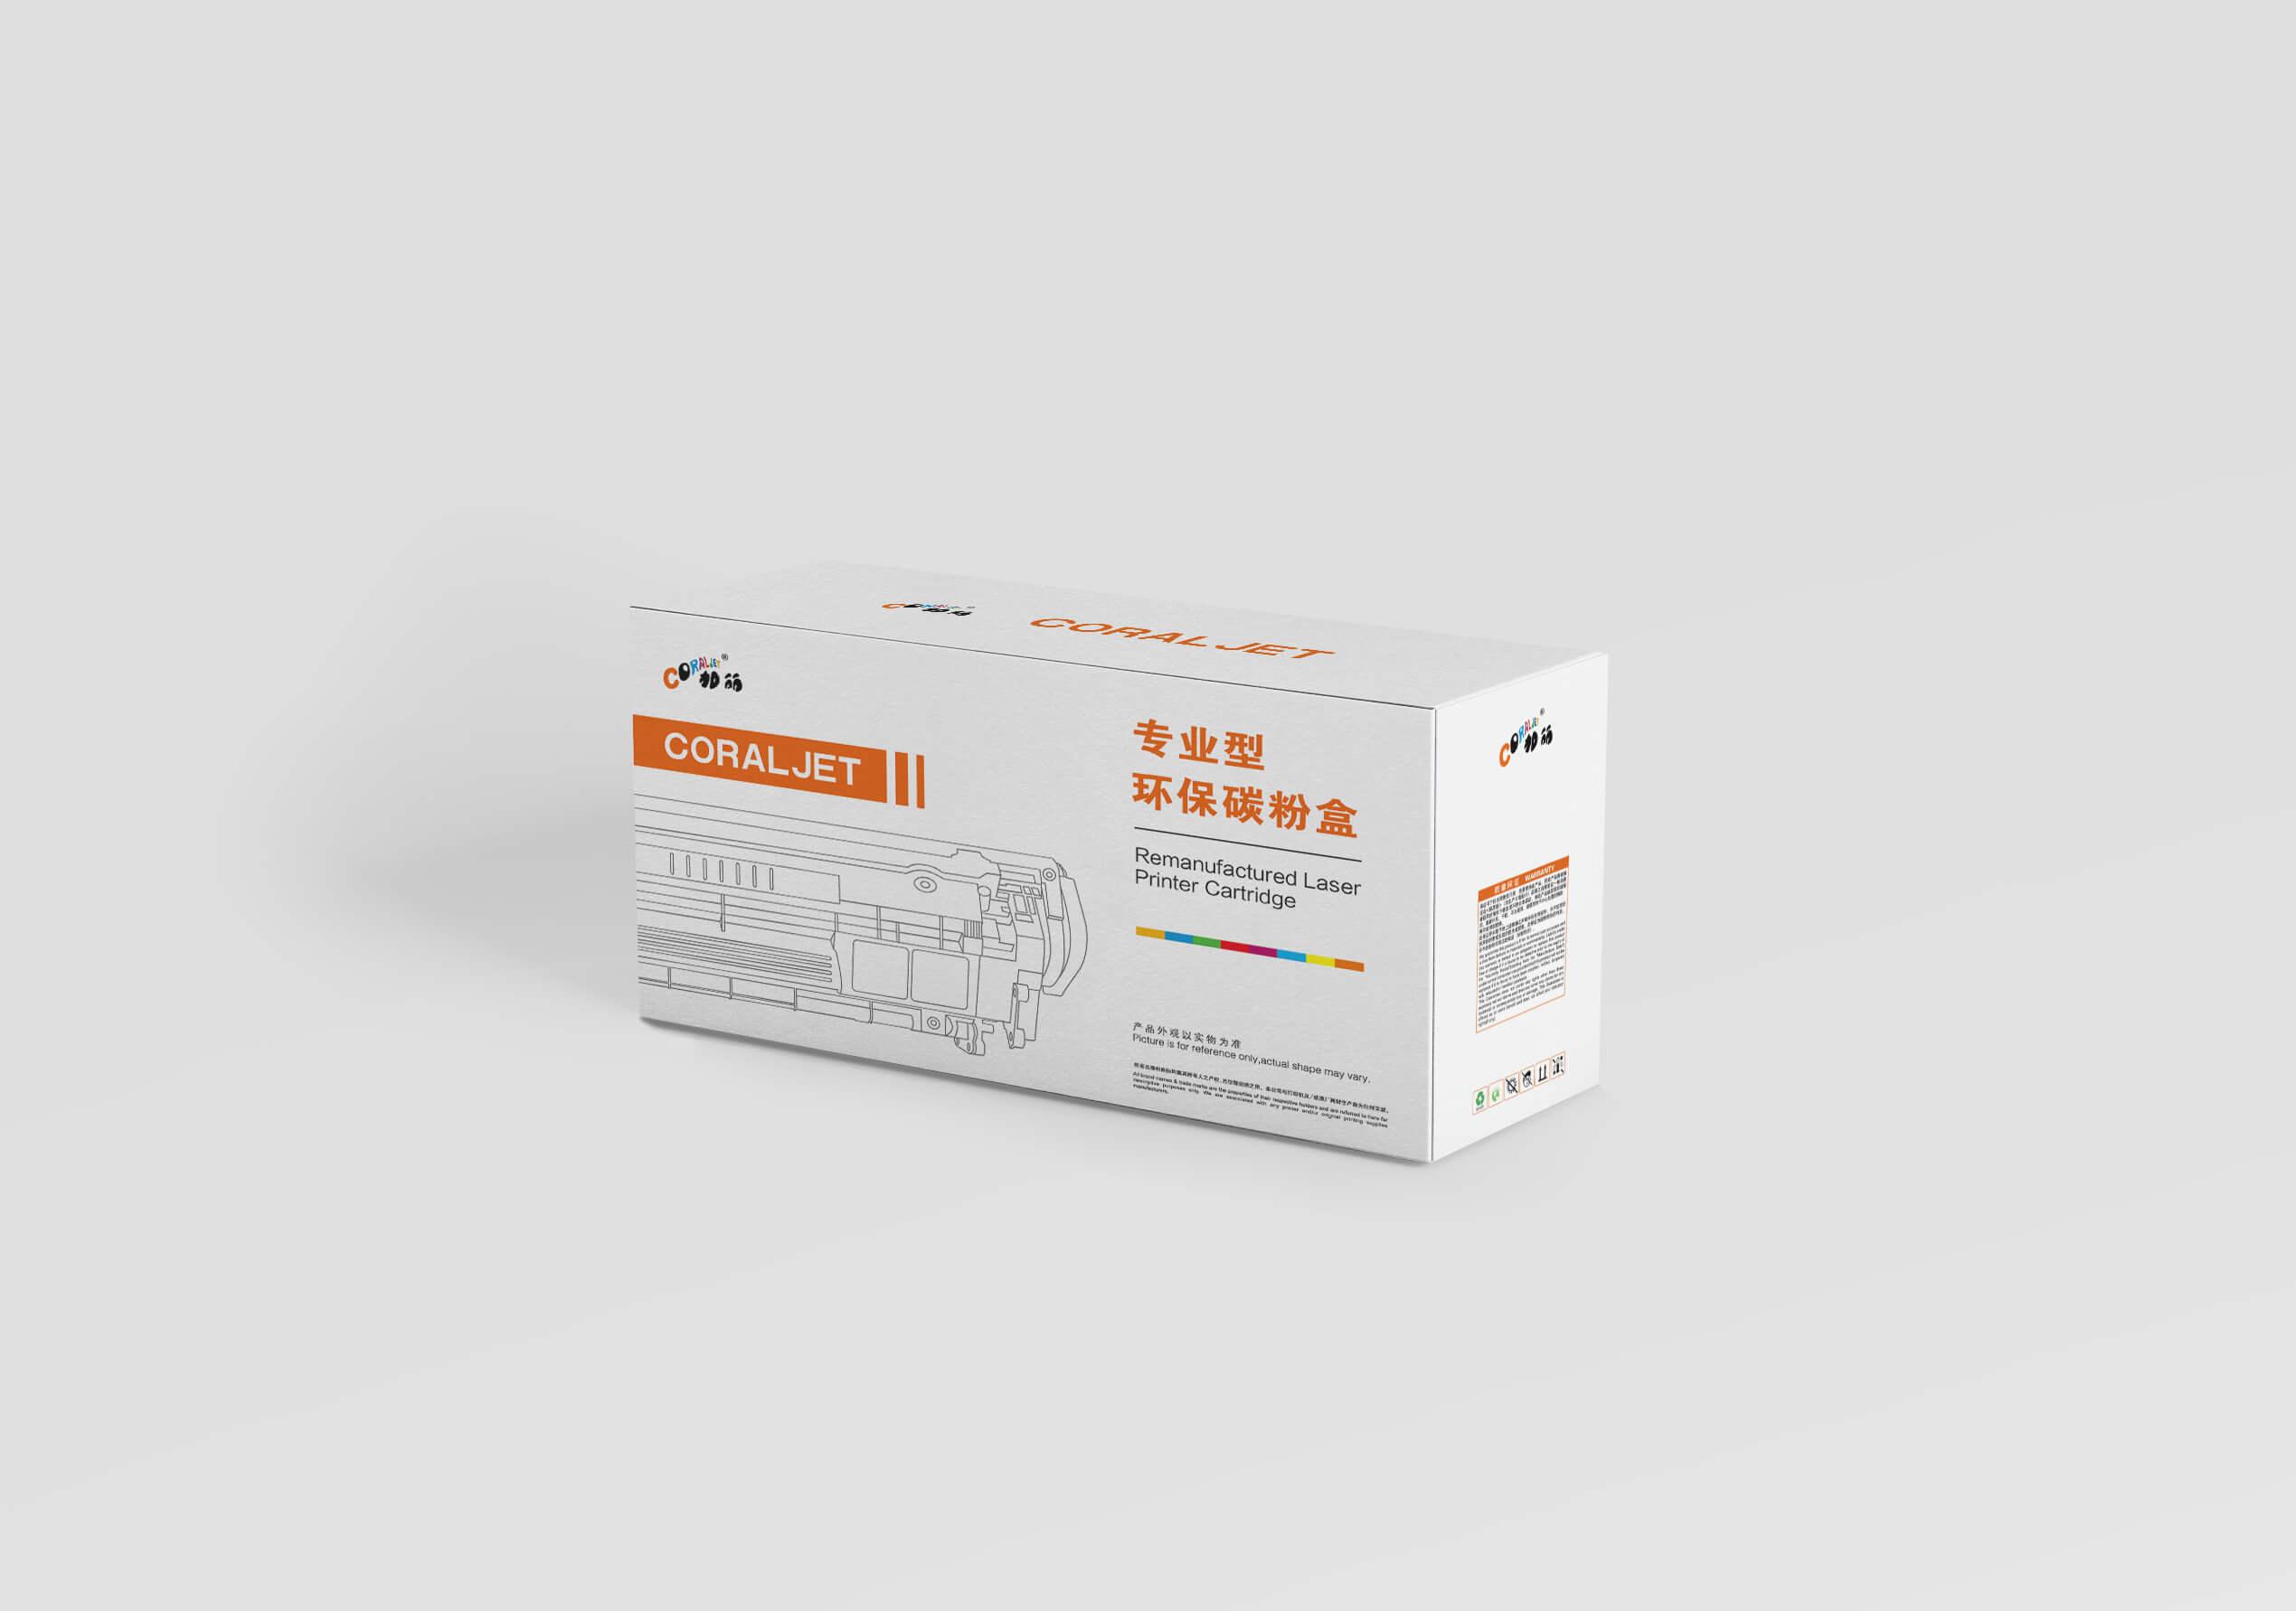 墨盒包装设计上饶城乡规划建筑设计图片